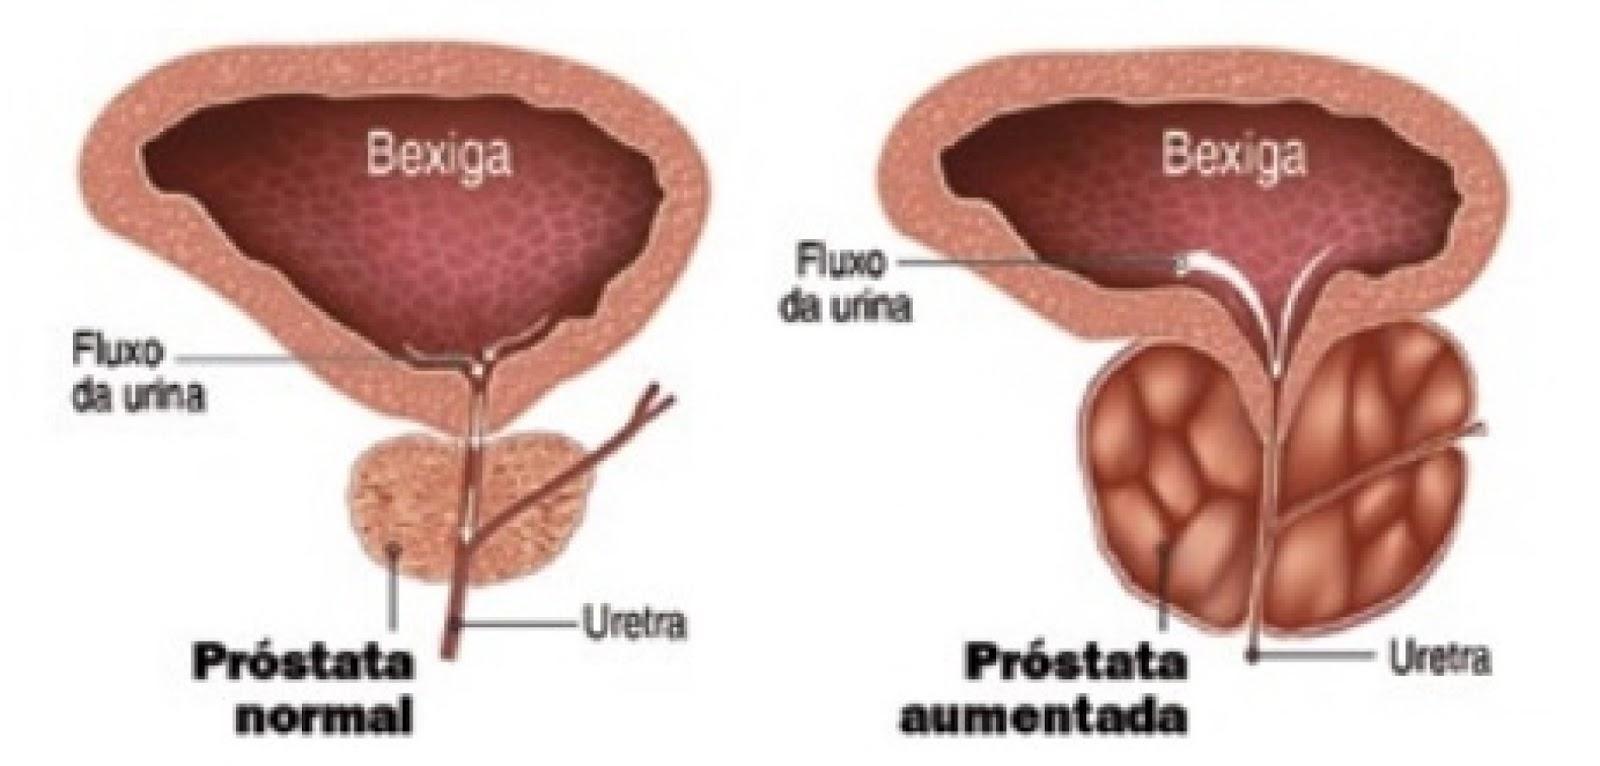 centro cura urologia prostata